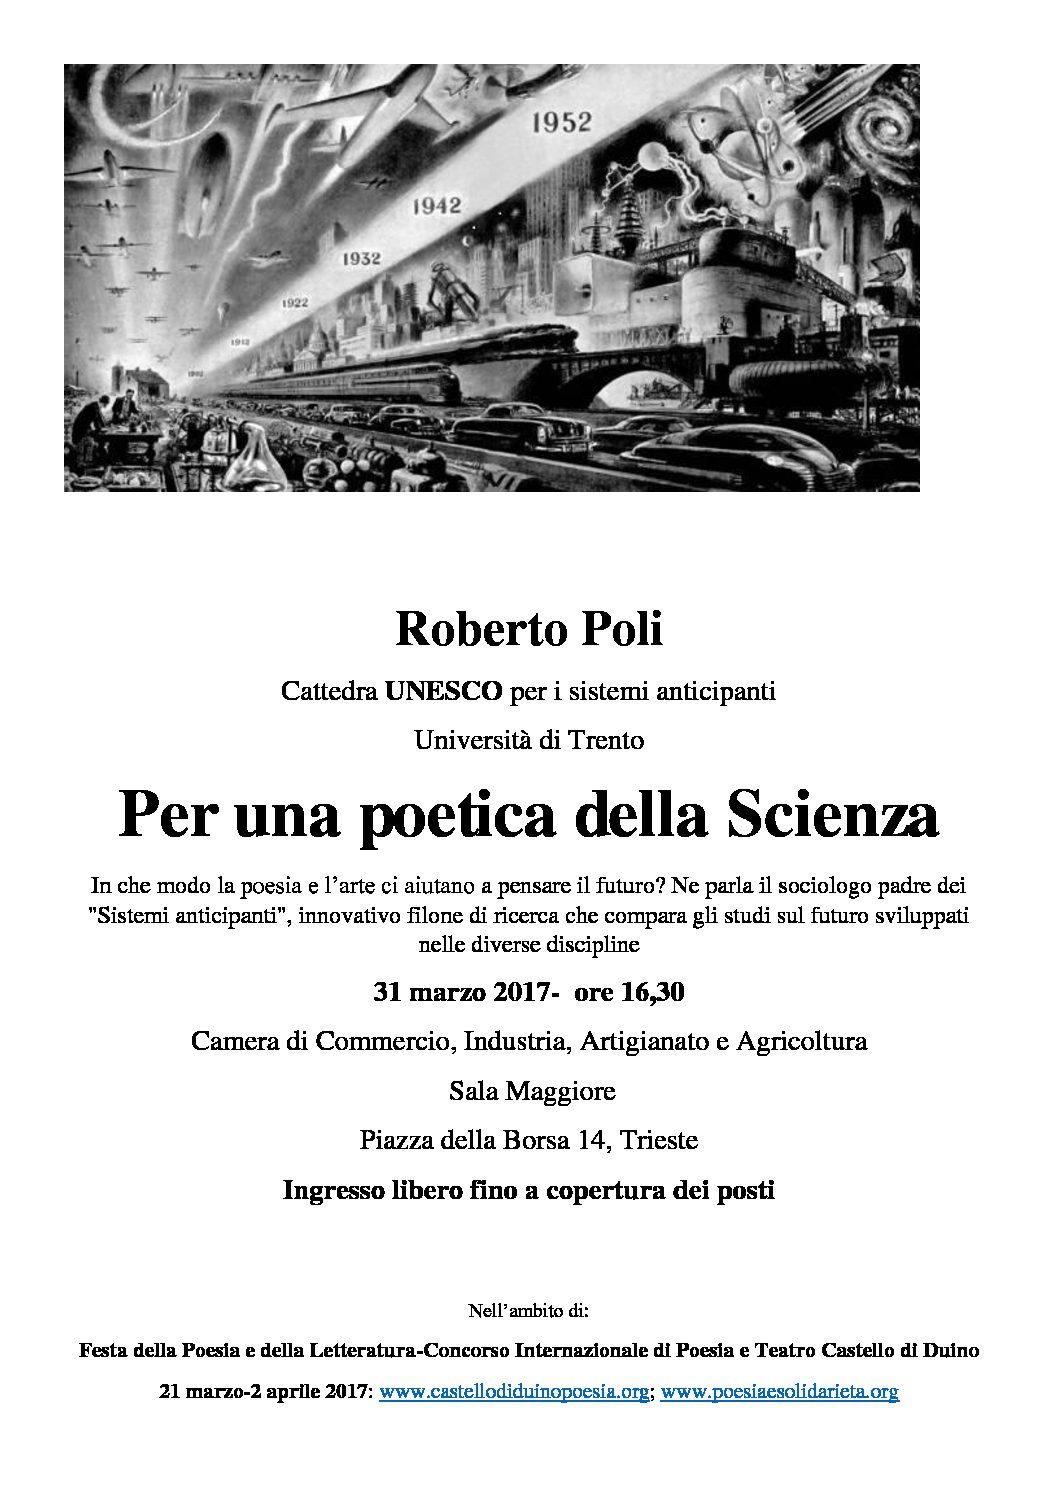 Lecture del prof. Roberto Poli cattedra UNESCO per i sistemi anticipanti